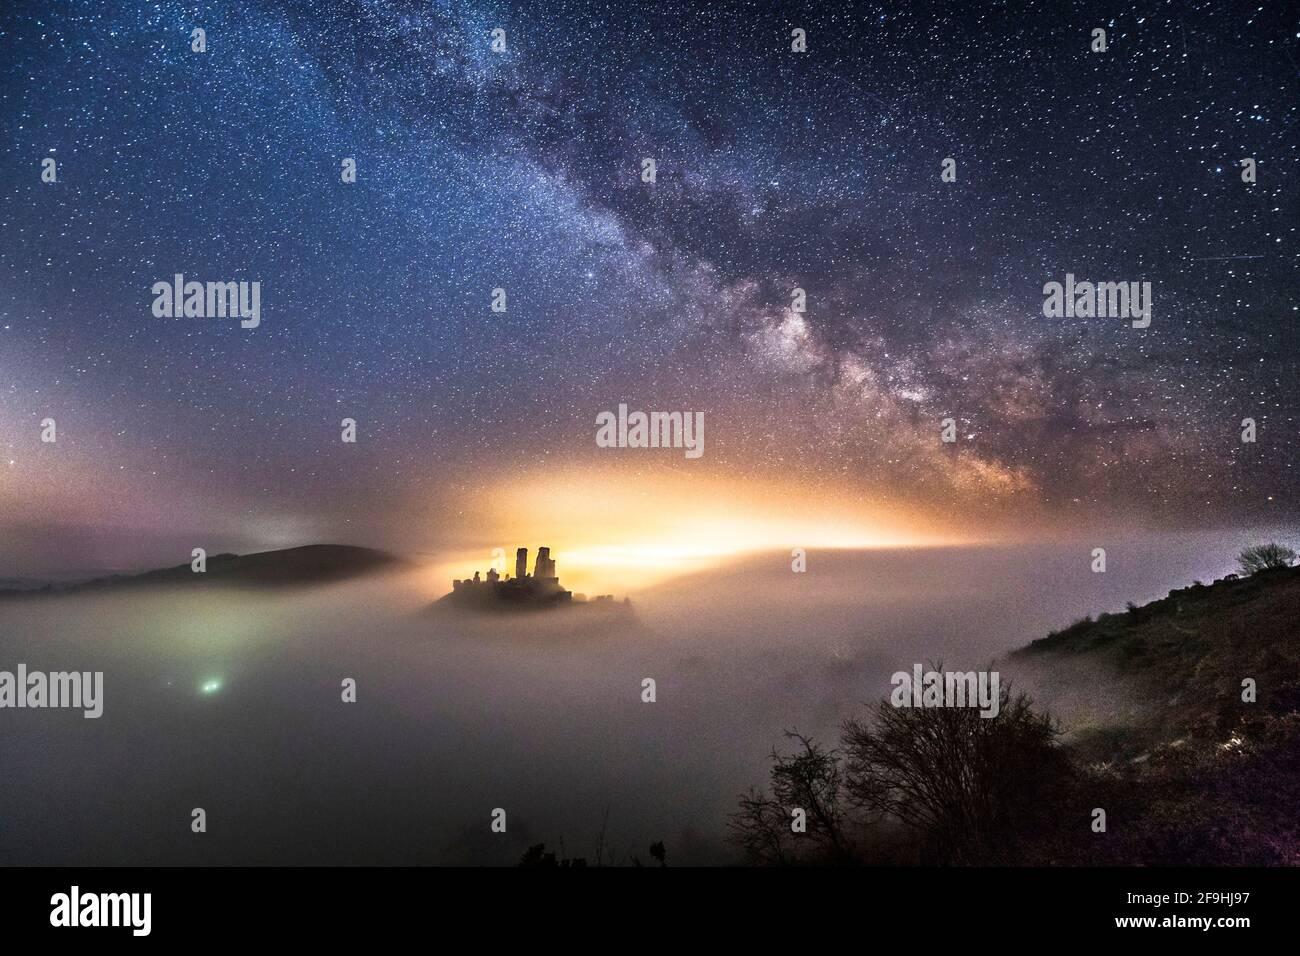 Castillo de Corfe, Dorset, Reino Unido. 19th de abril de 2021. Clima del Reino Unido. La Vía Láctea brilla intensamente sobre el Castillo de Corfe en Dorset, que está rodeado por un denso mar de niebla en una noche fría y clara. Crédito de la foto: Graham Hunt/Alamy Live News Foto de stock